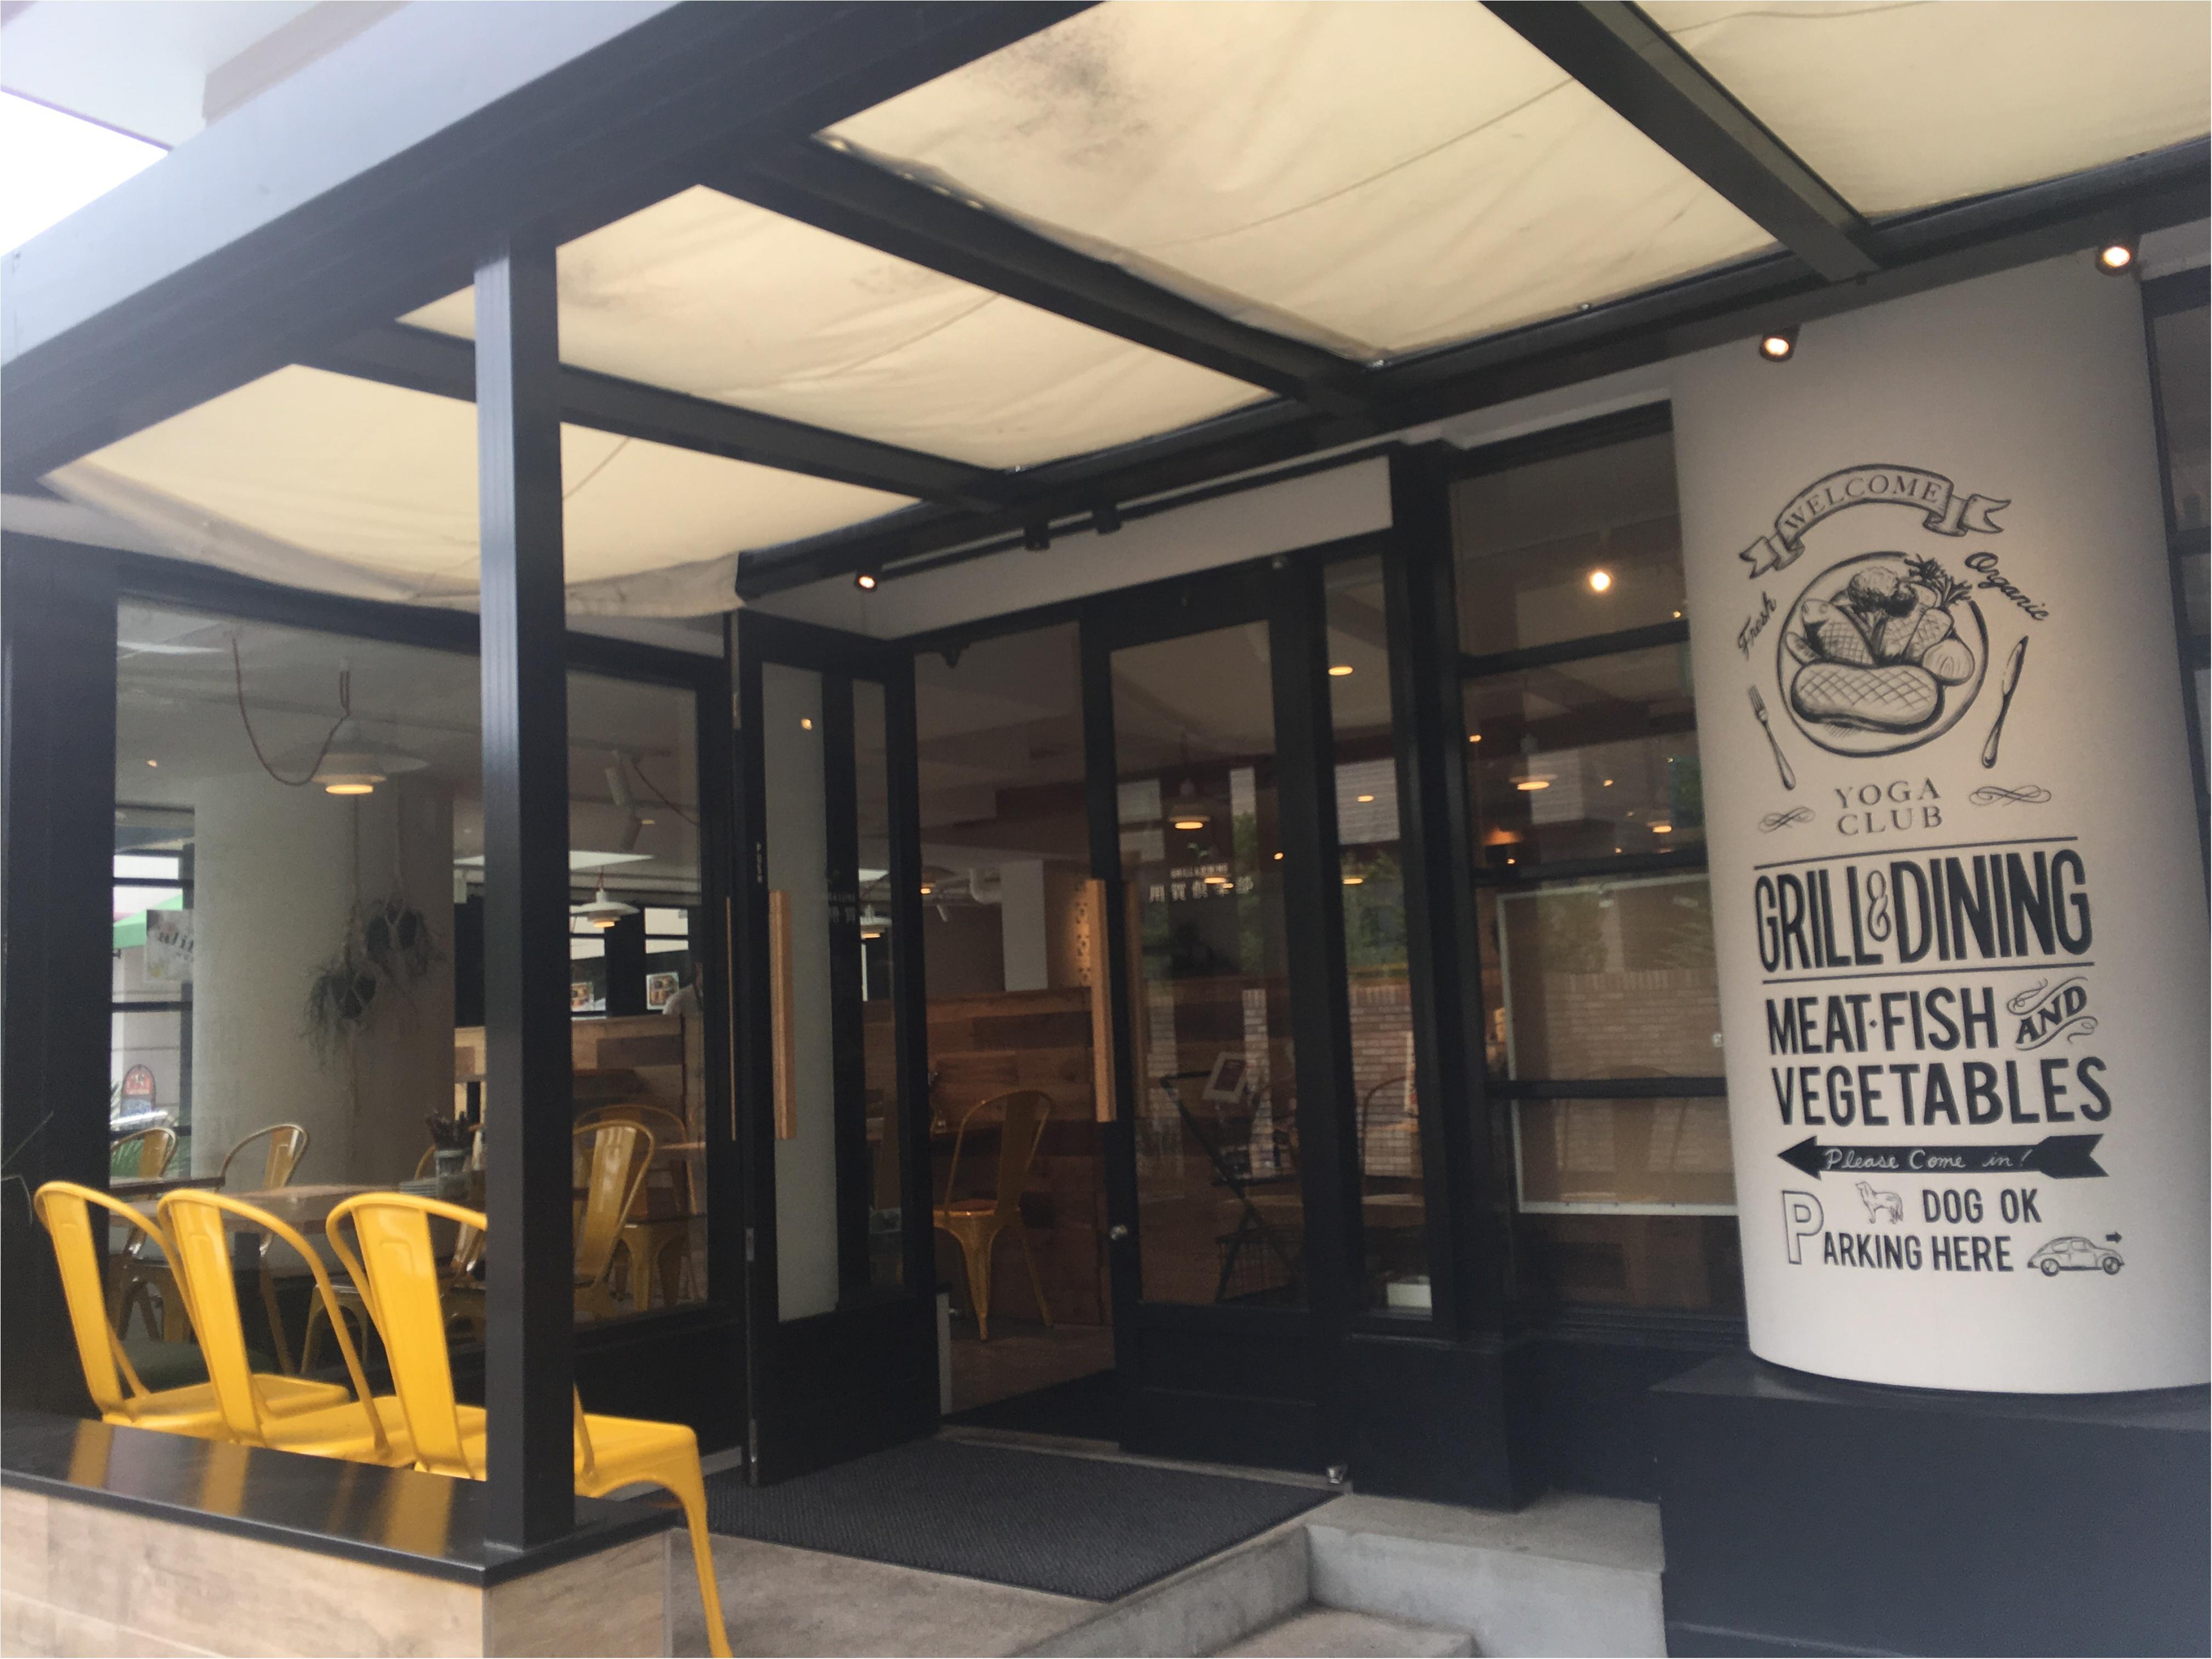 【朝活スポット】✰パンマニアがオススメする✰世田谷のオシャレなカフェでゆったりモーニング。_1